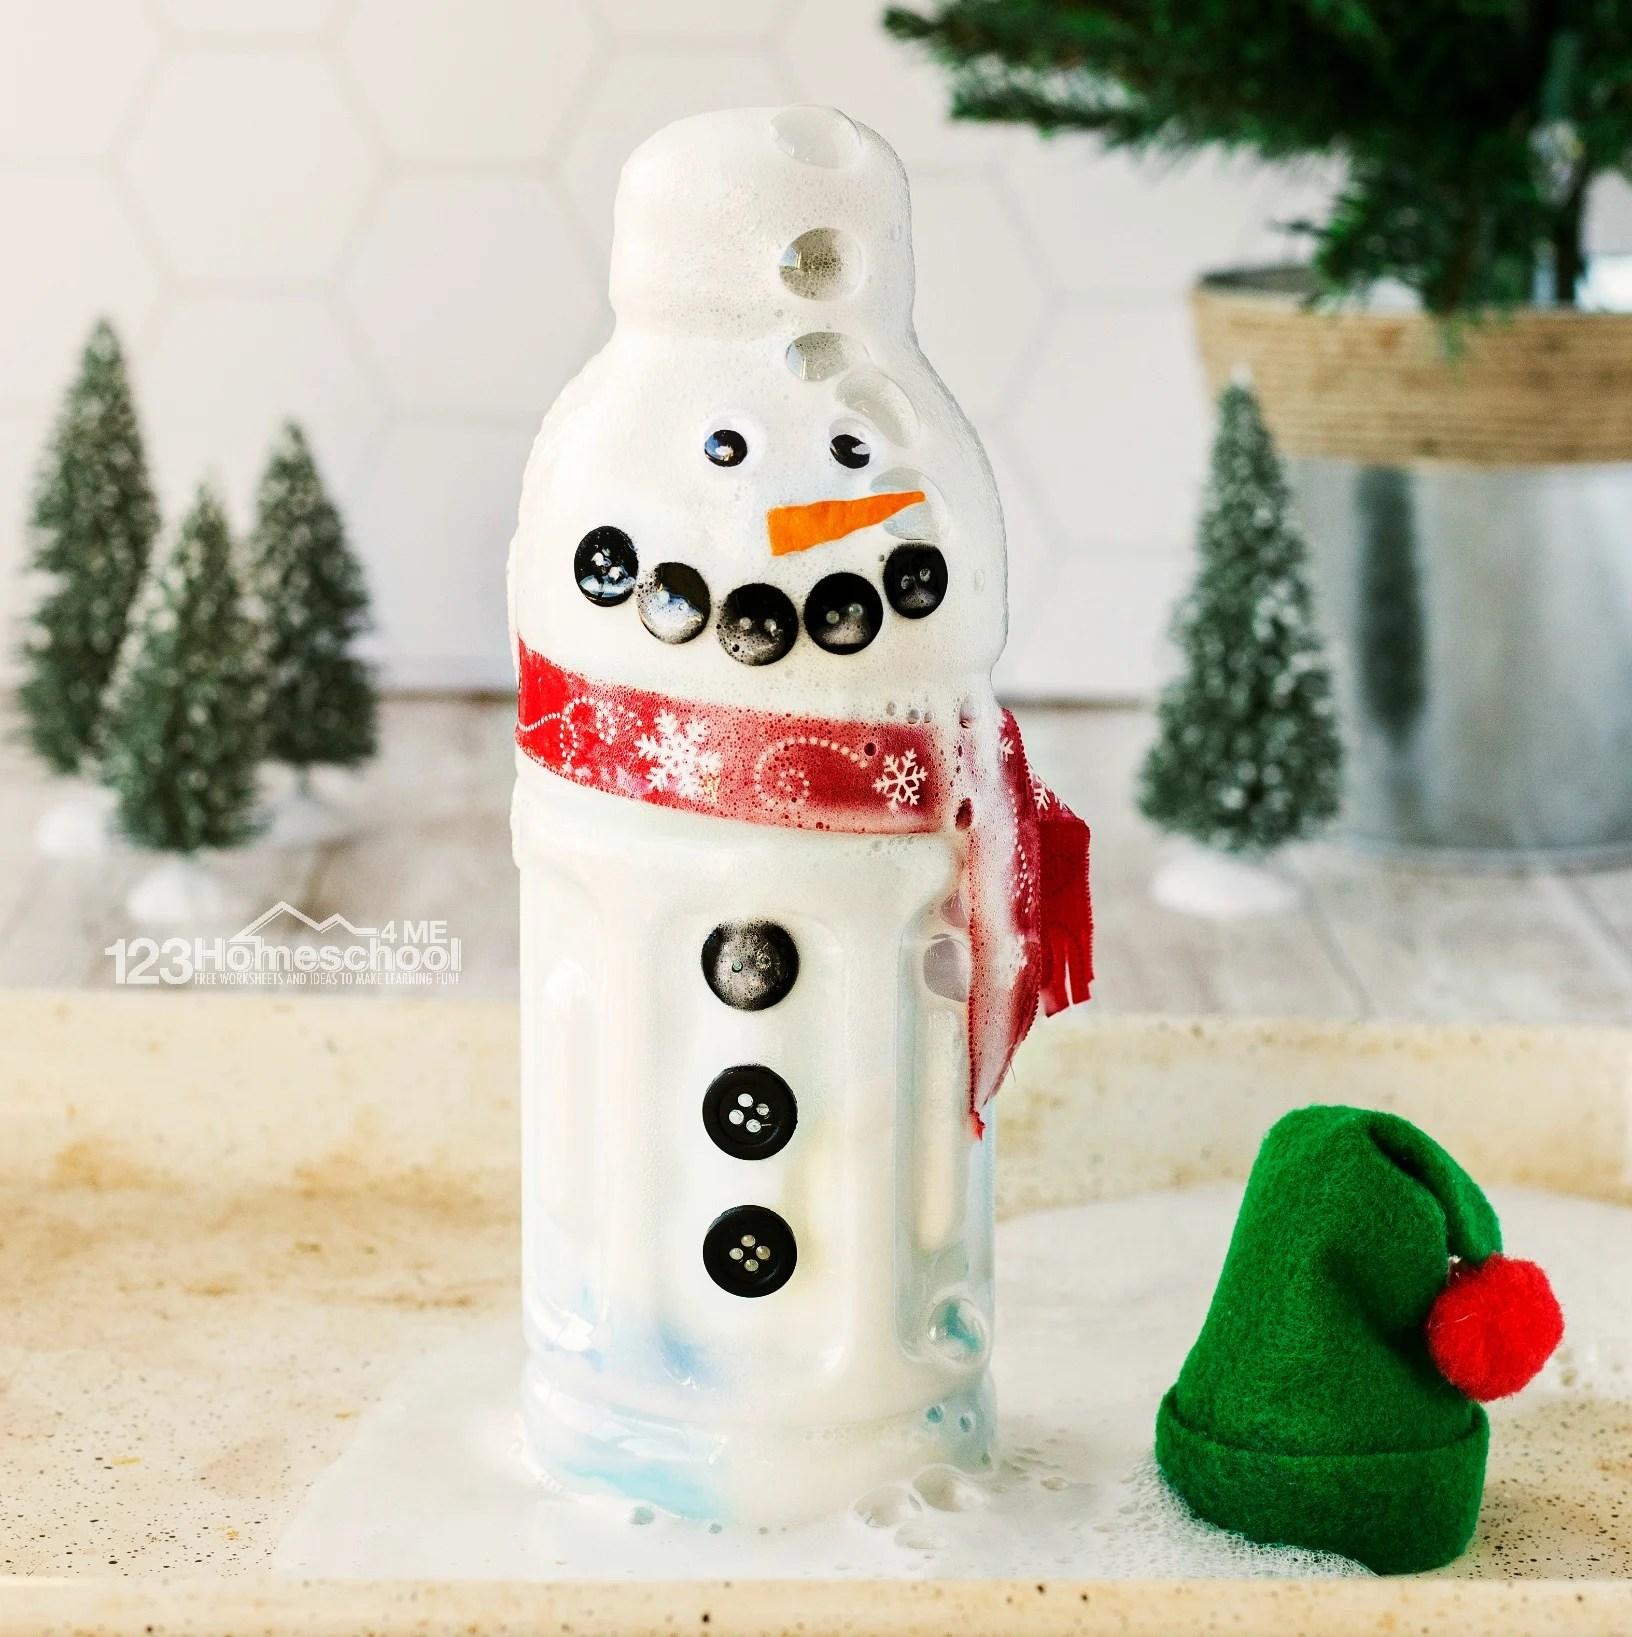 Snowman Eruptions